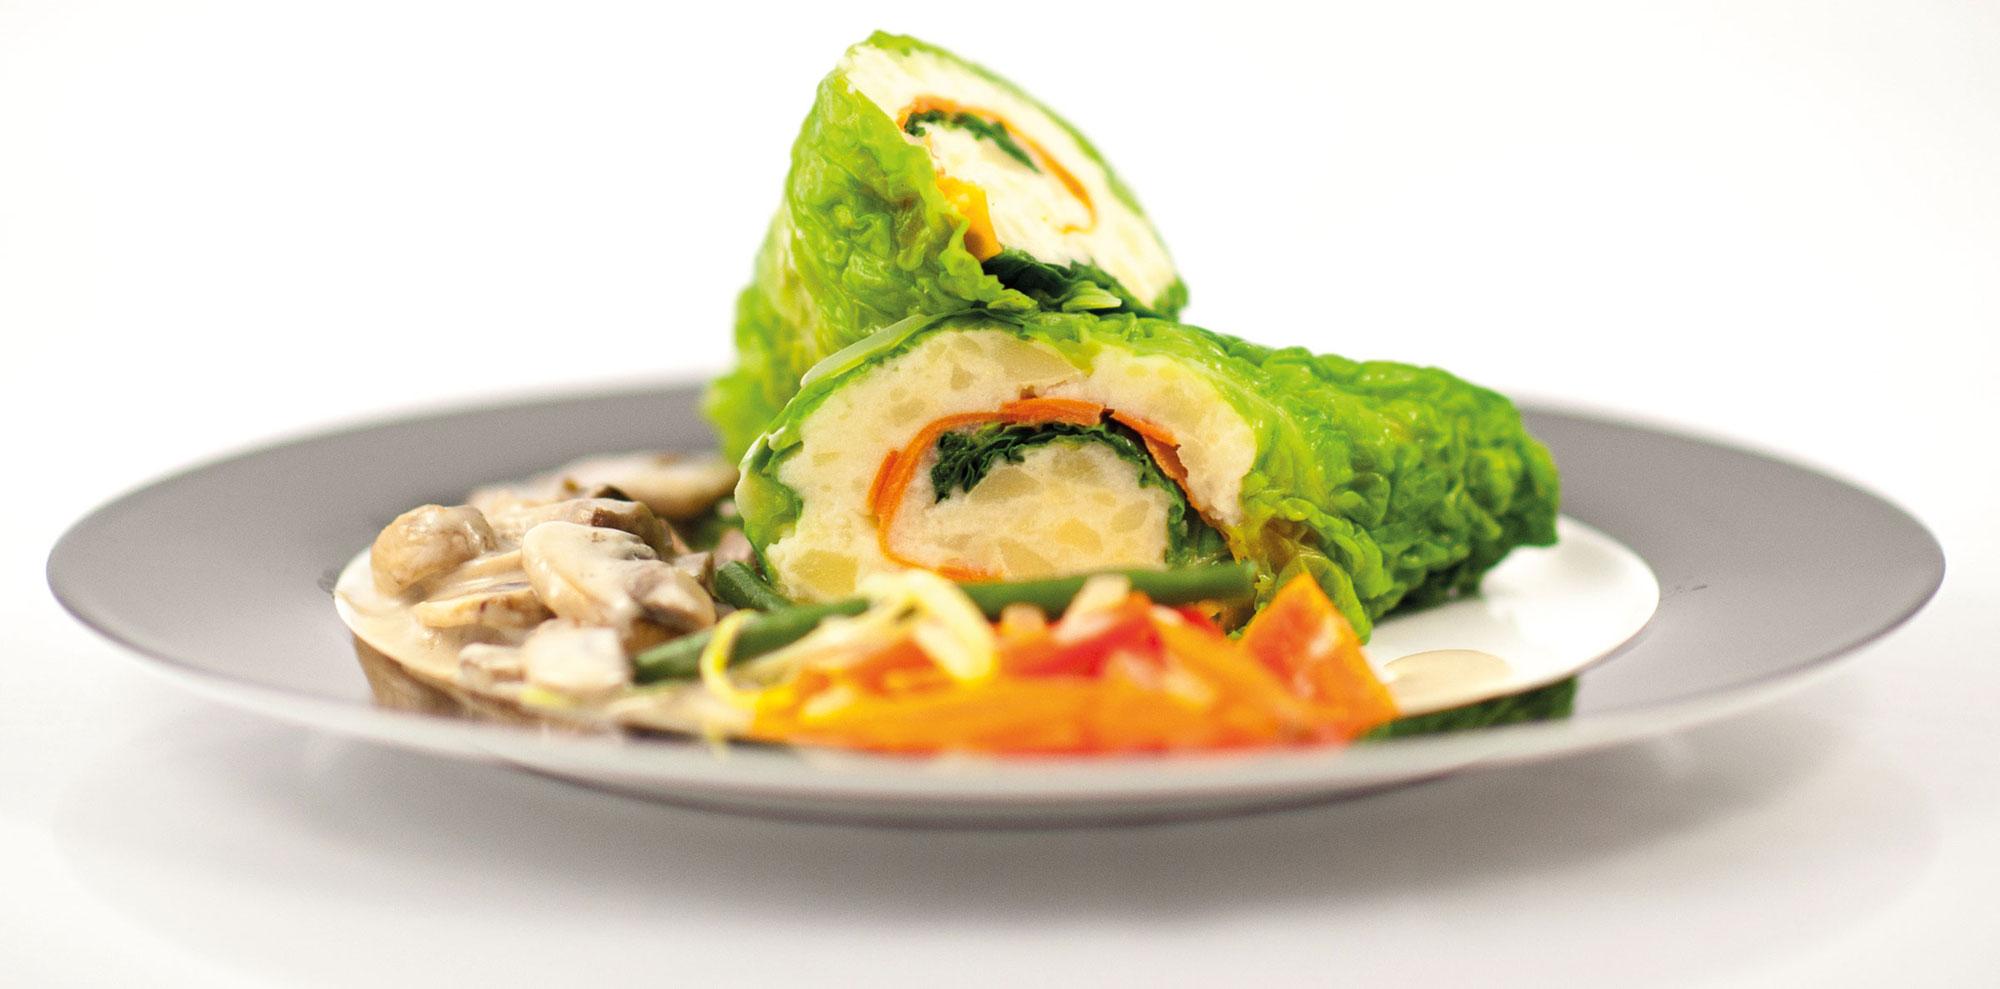 Freunde zum Essen einladen mit Futteraktien - Kochsyndikat ...